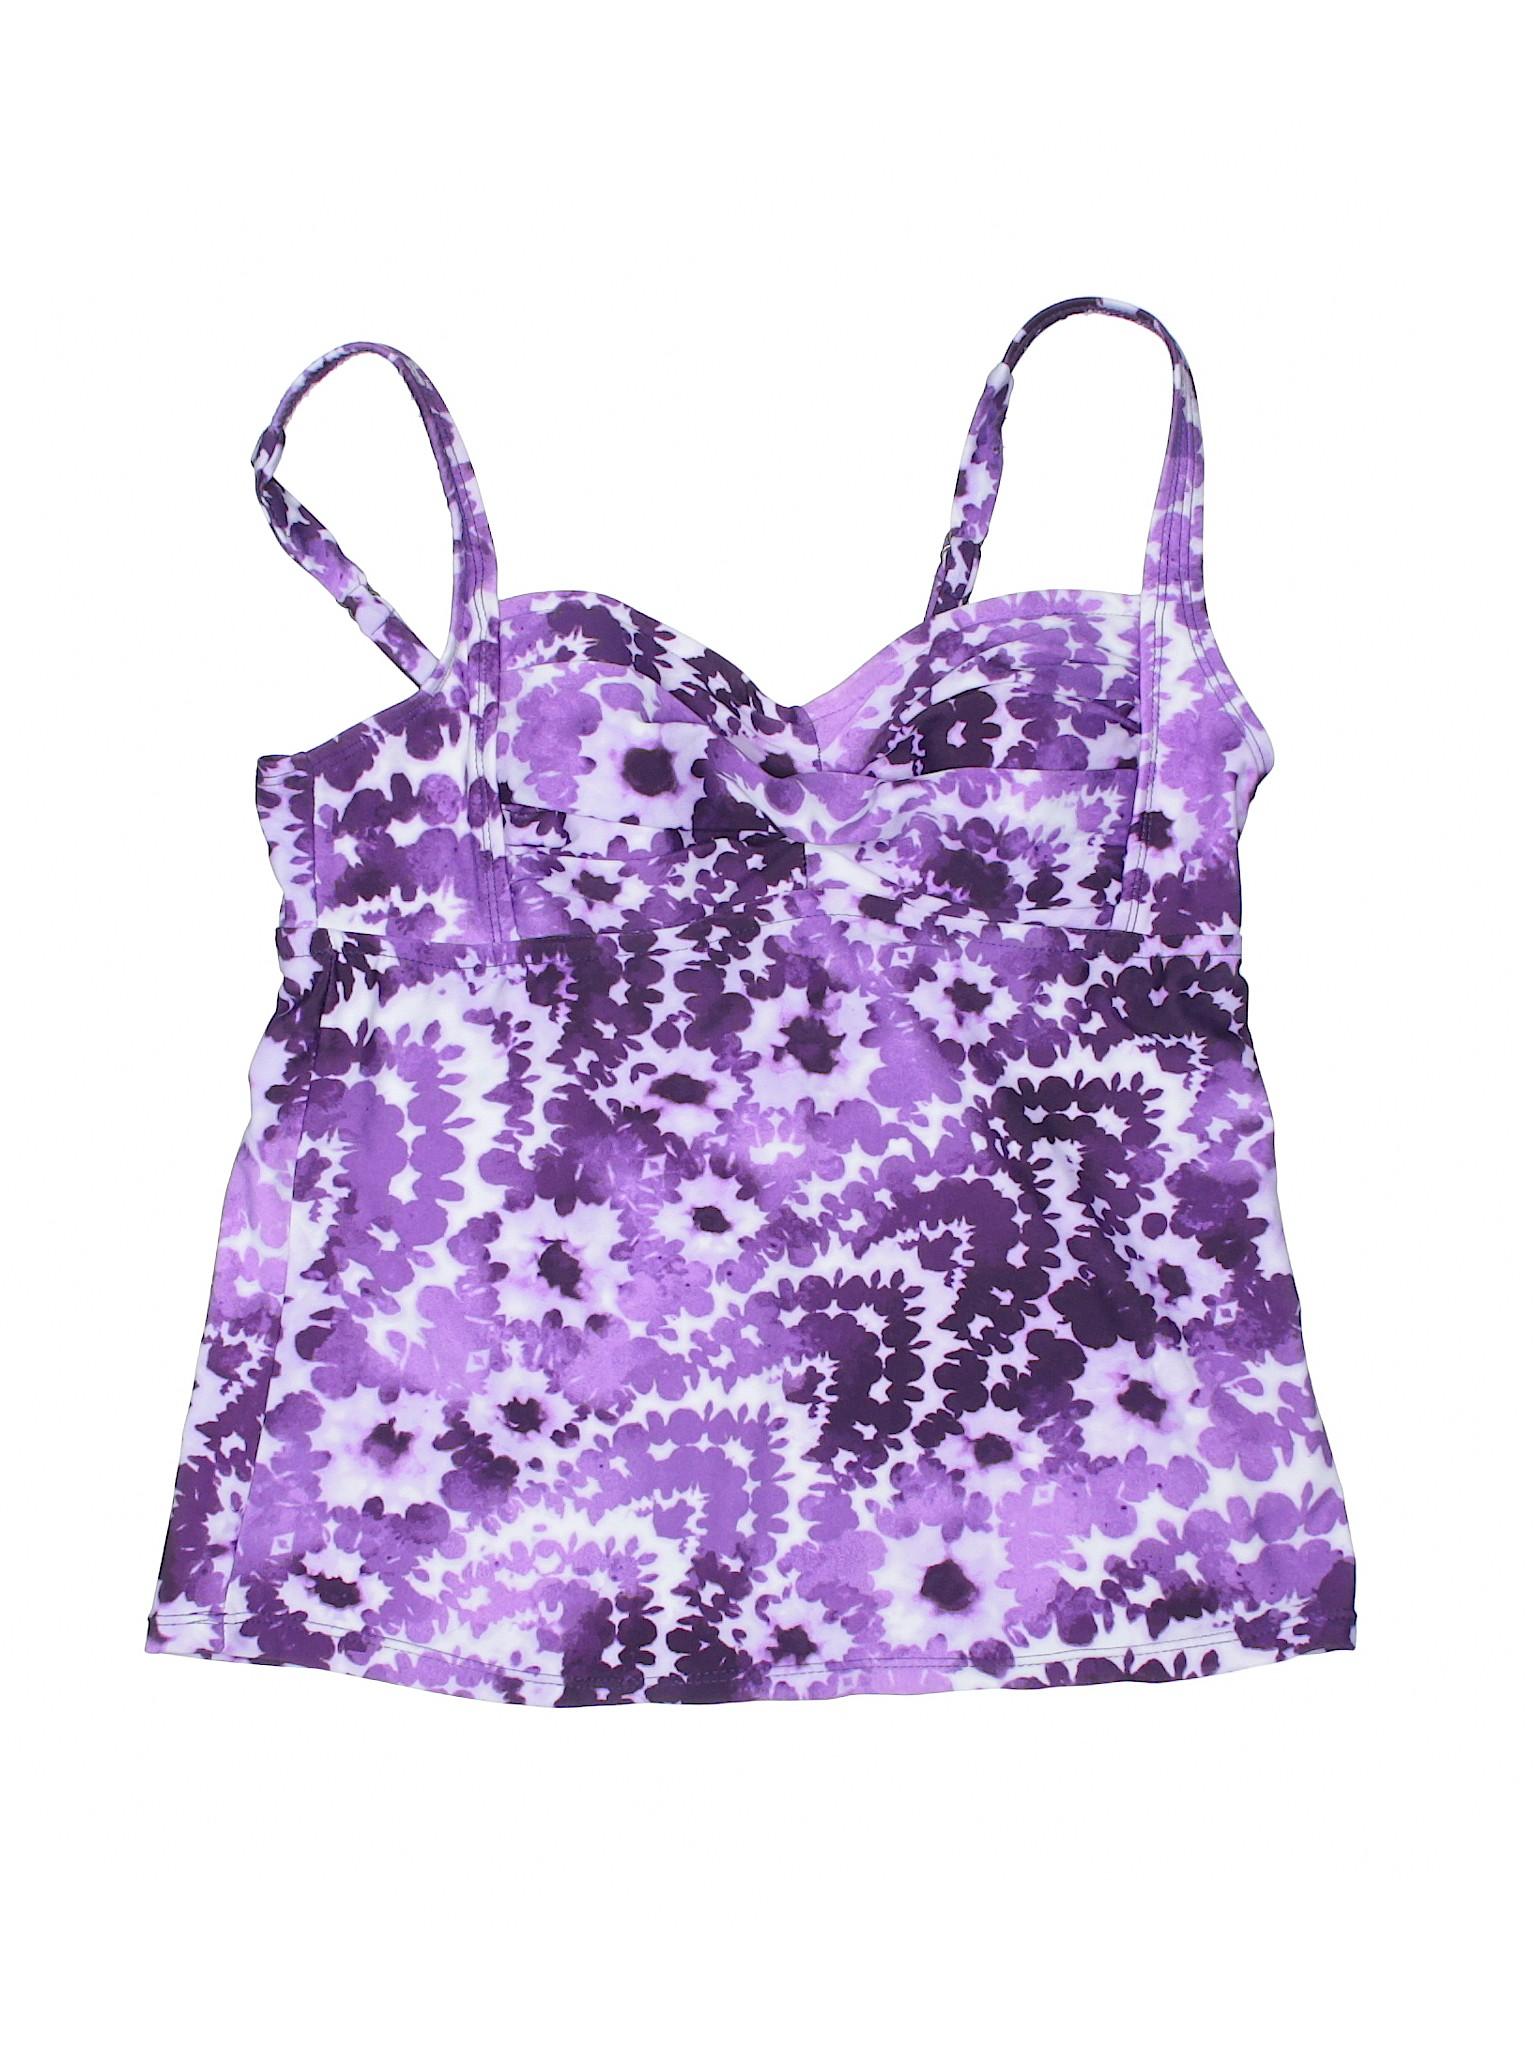 Swimsuit Boutique Bisou Bisou Boutique Top Bisou Swimsuit Bisou Top Rw7qfdcf